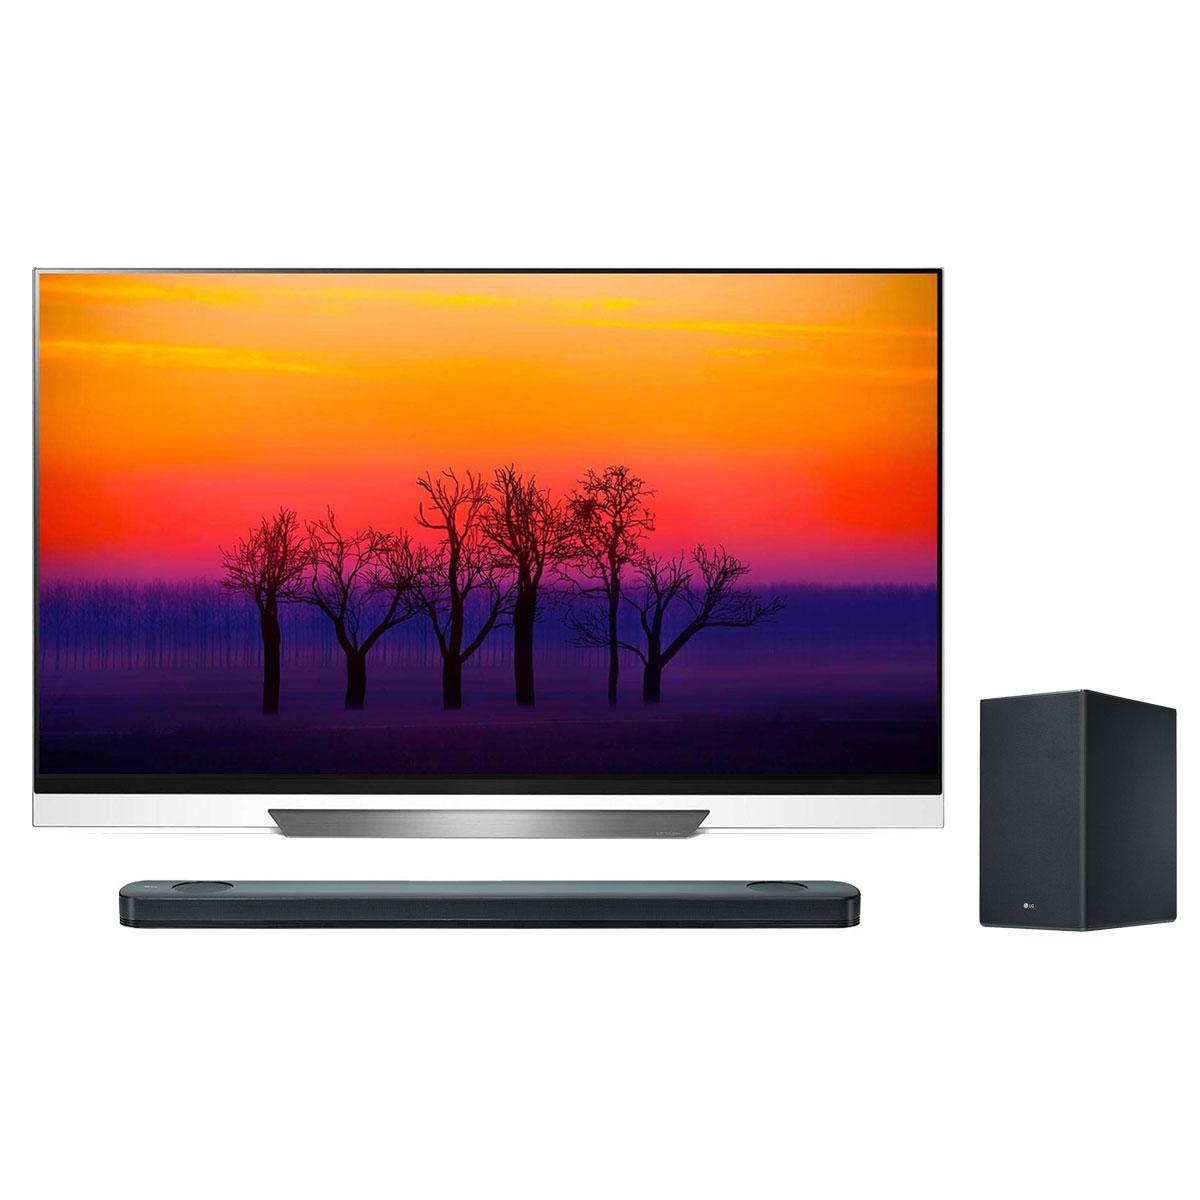 """TV LG OLED65E8 + LG SK9Y Téléviseur OLED 4K 65"""" (165 cm) 16/9 - 3840 x 2160 pixels - Ultra HD 2160p - HDR - Wi-Fi - Bluetooth - Dolby Atmos (dalle native 100 Hz) + Barre de son 5.1.2 500 W - Caisson de basses sans fil"""